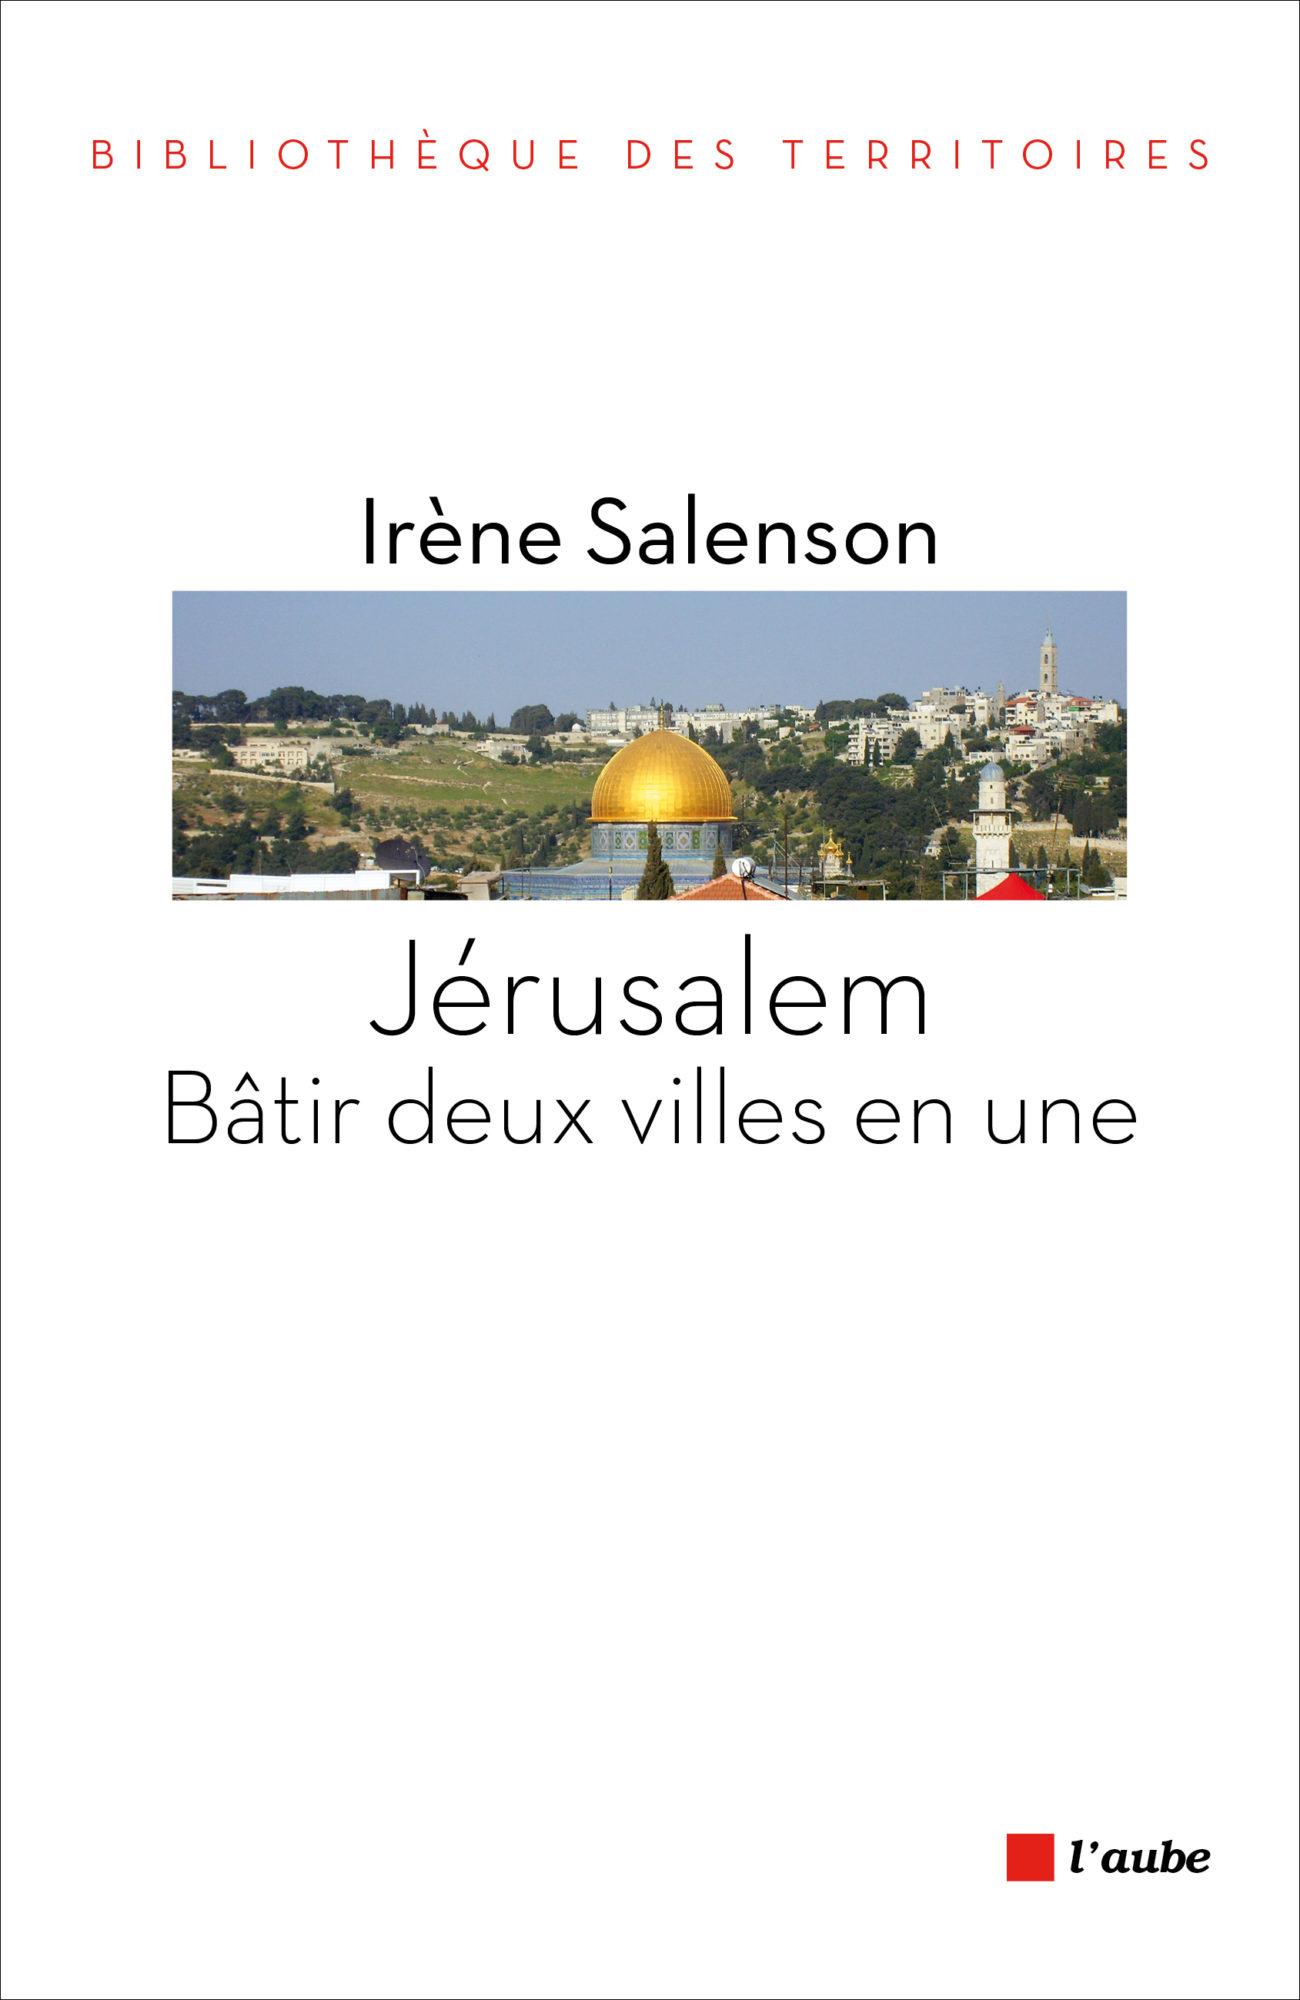 Jérusalem. Bâtir deux villes en une